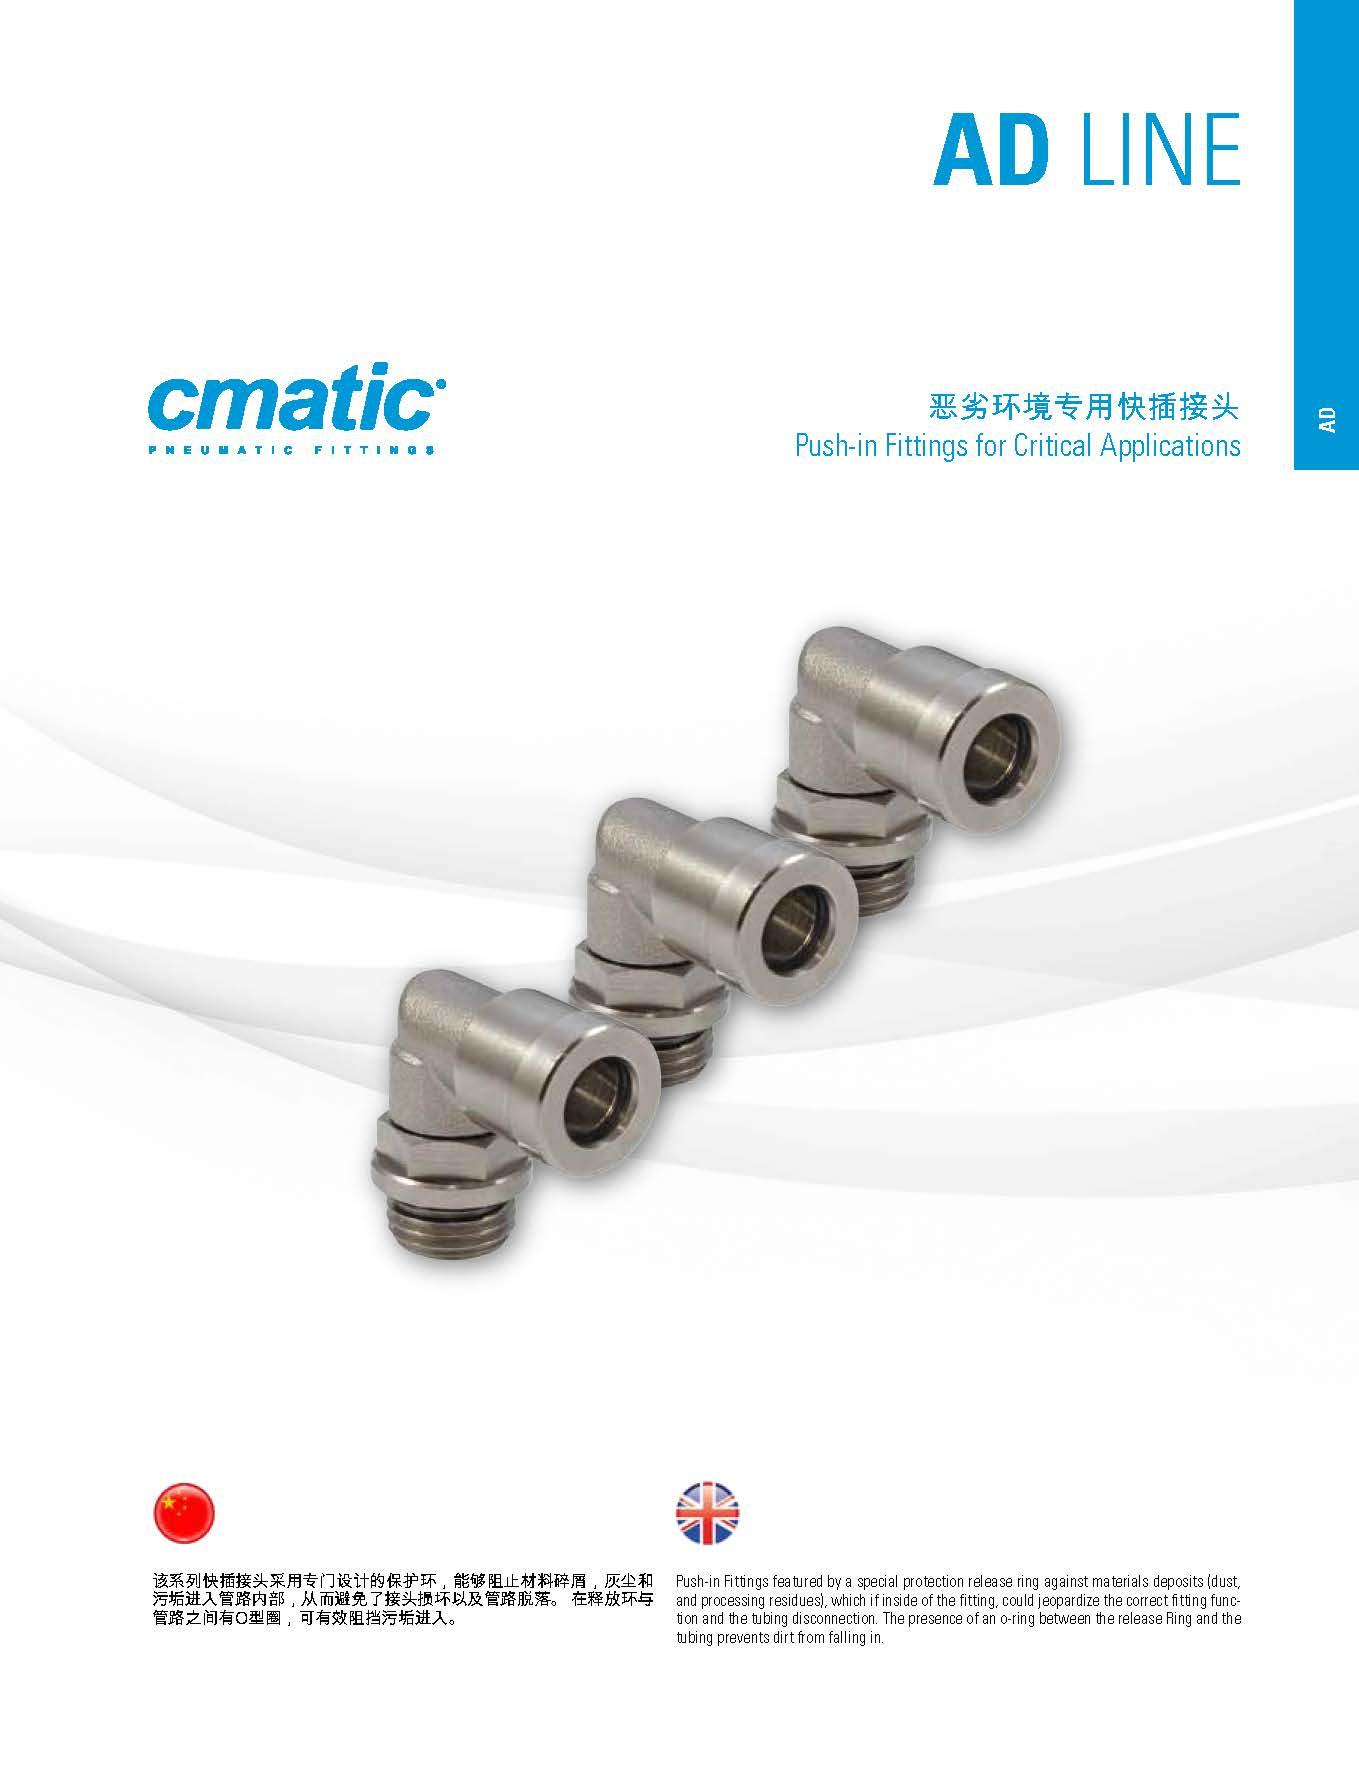 意大利C.matic小型精密金属零件